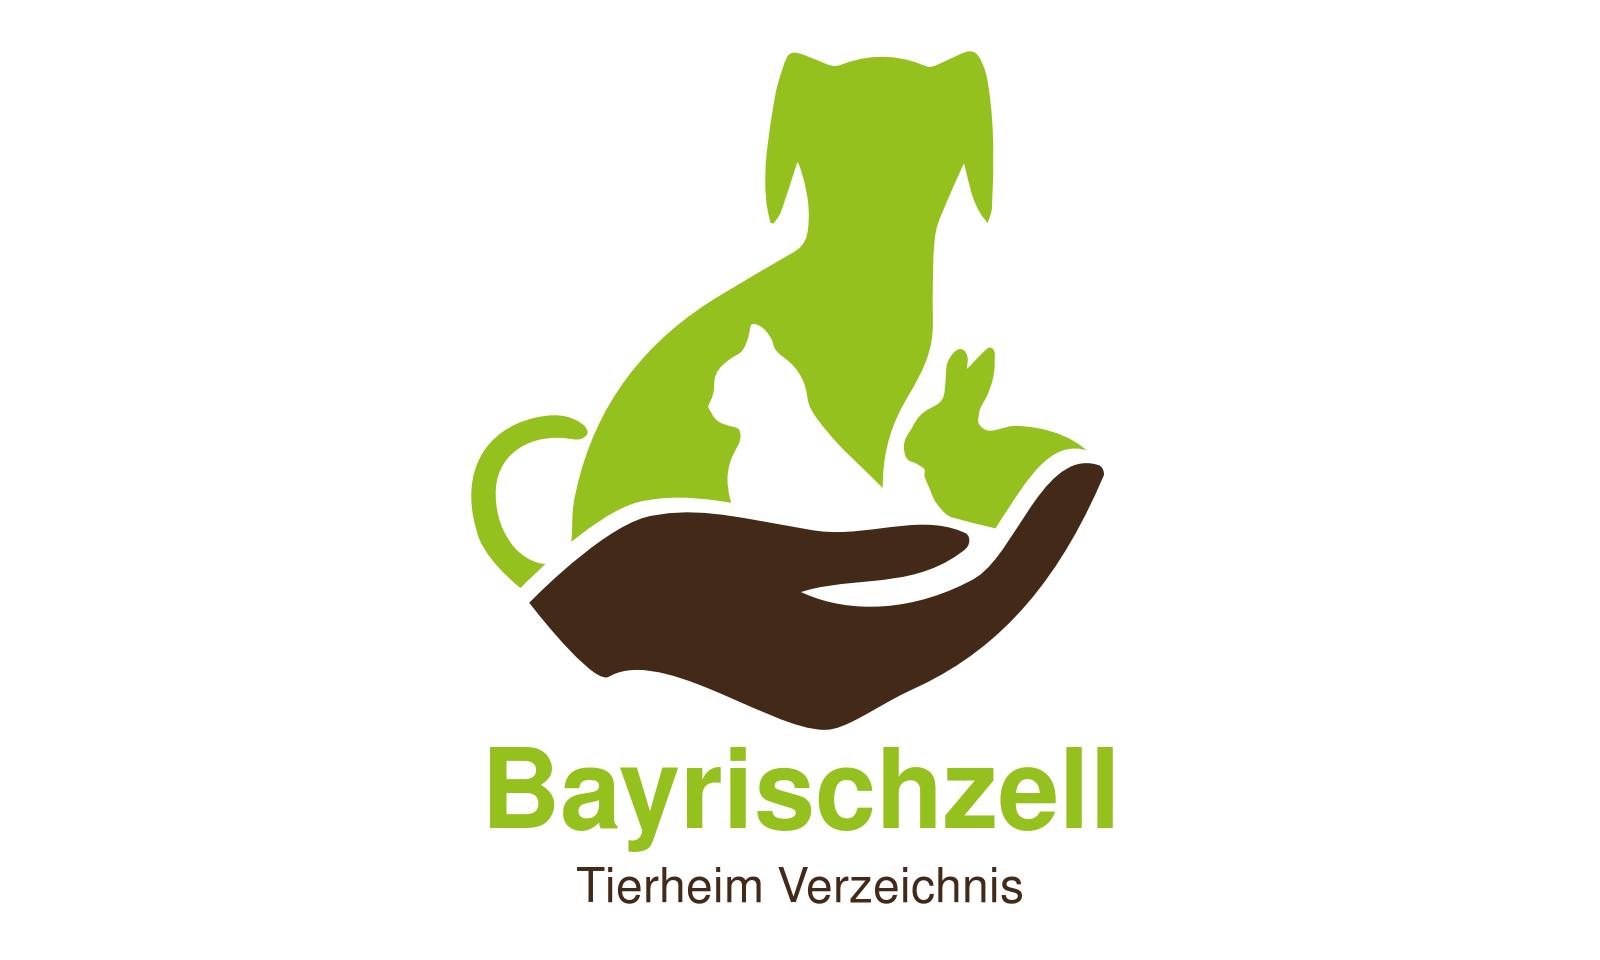 Tierheim Bayrischzell